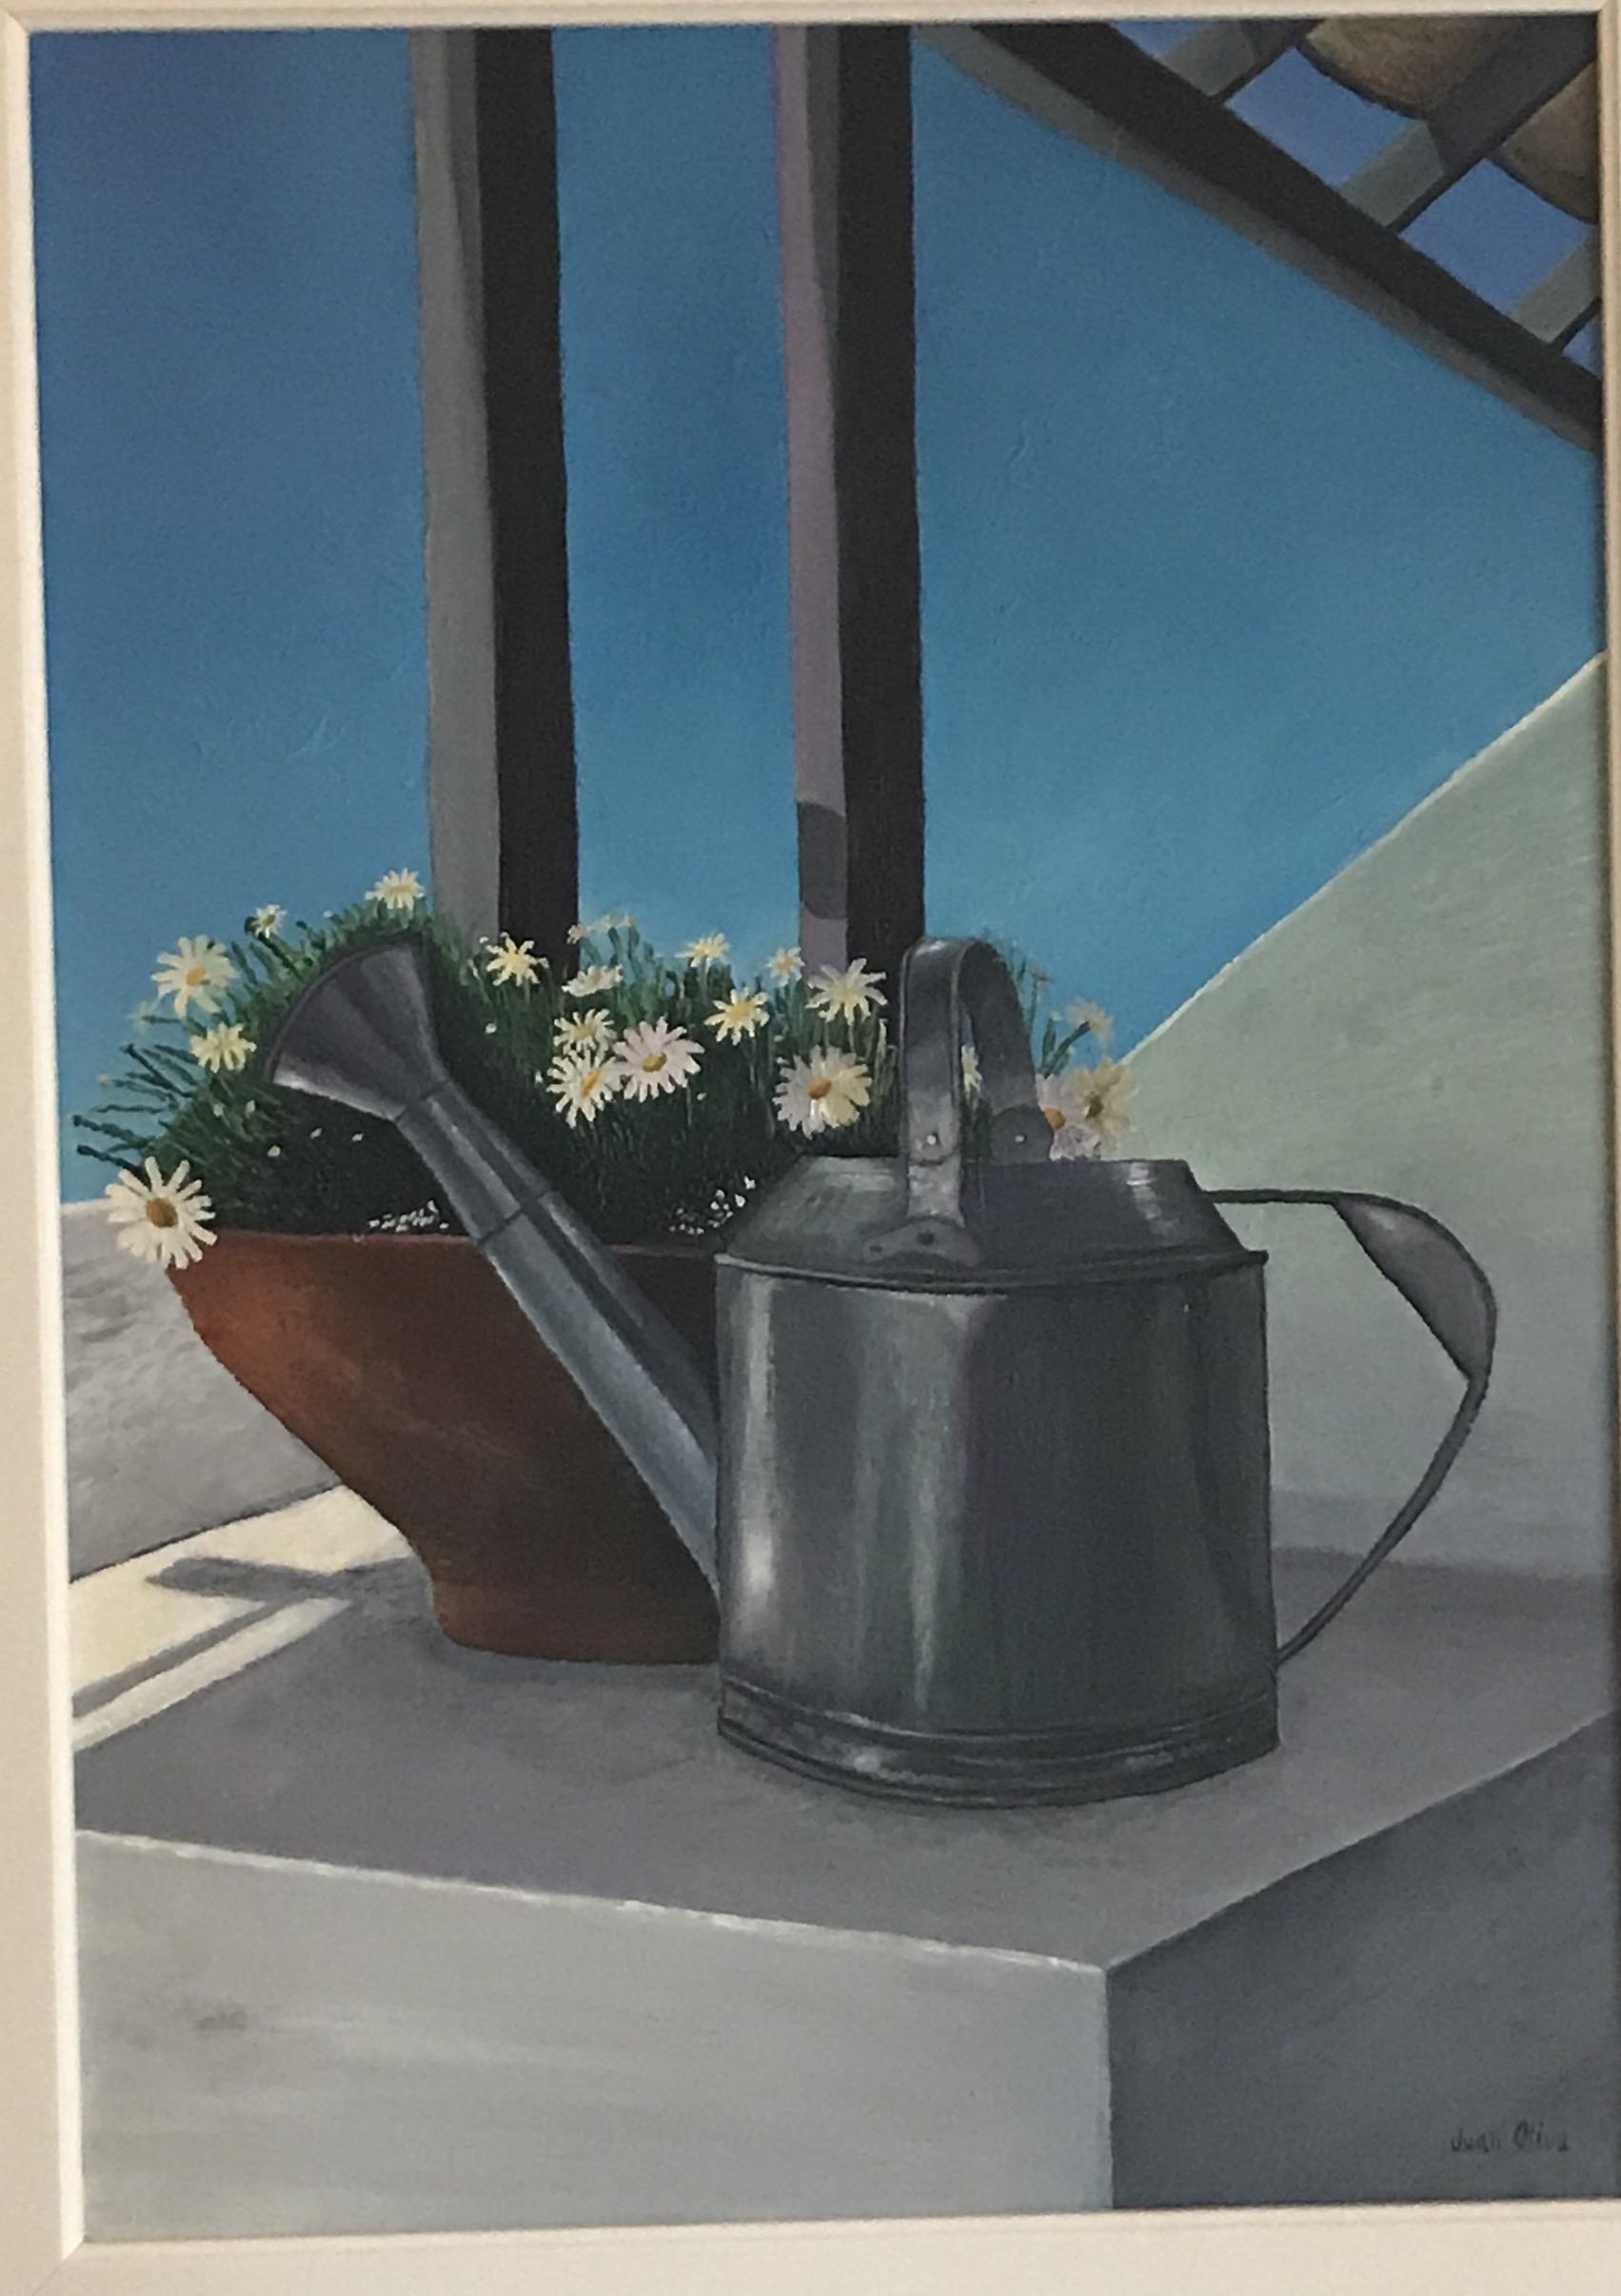 Primavera en lanzarote (2017) - Juan Manuel Claro Oliva - Juan Oliva